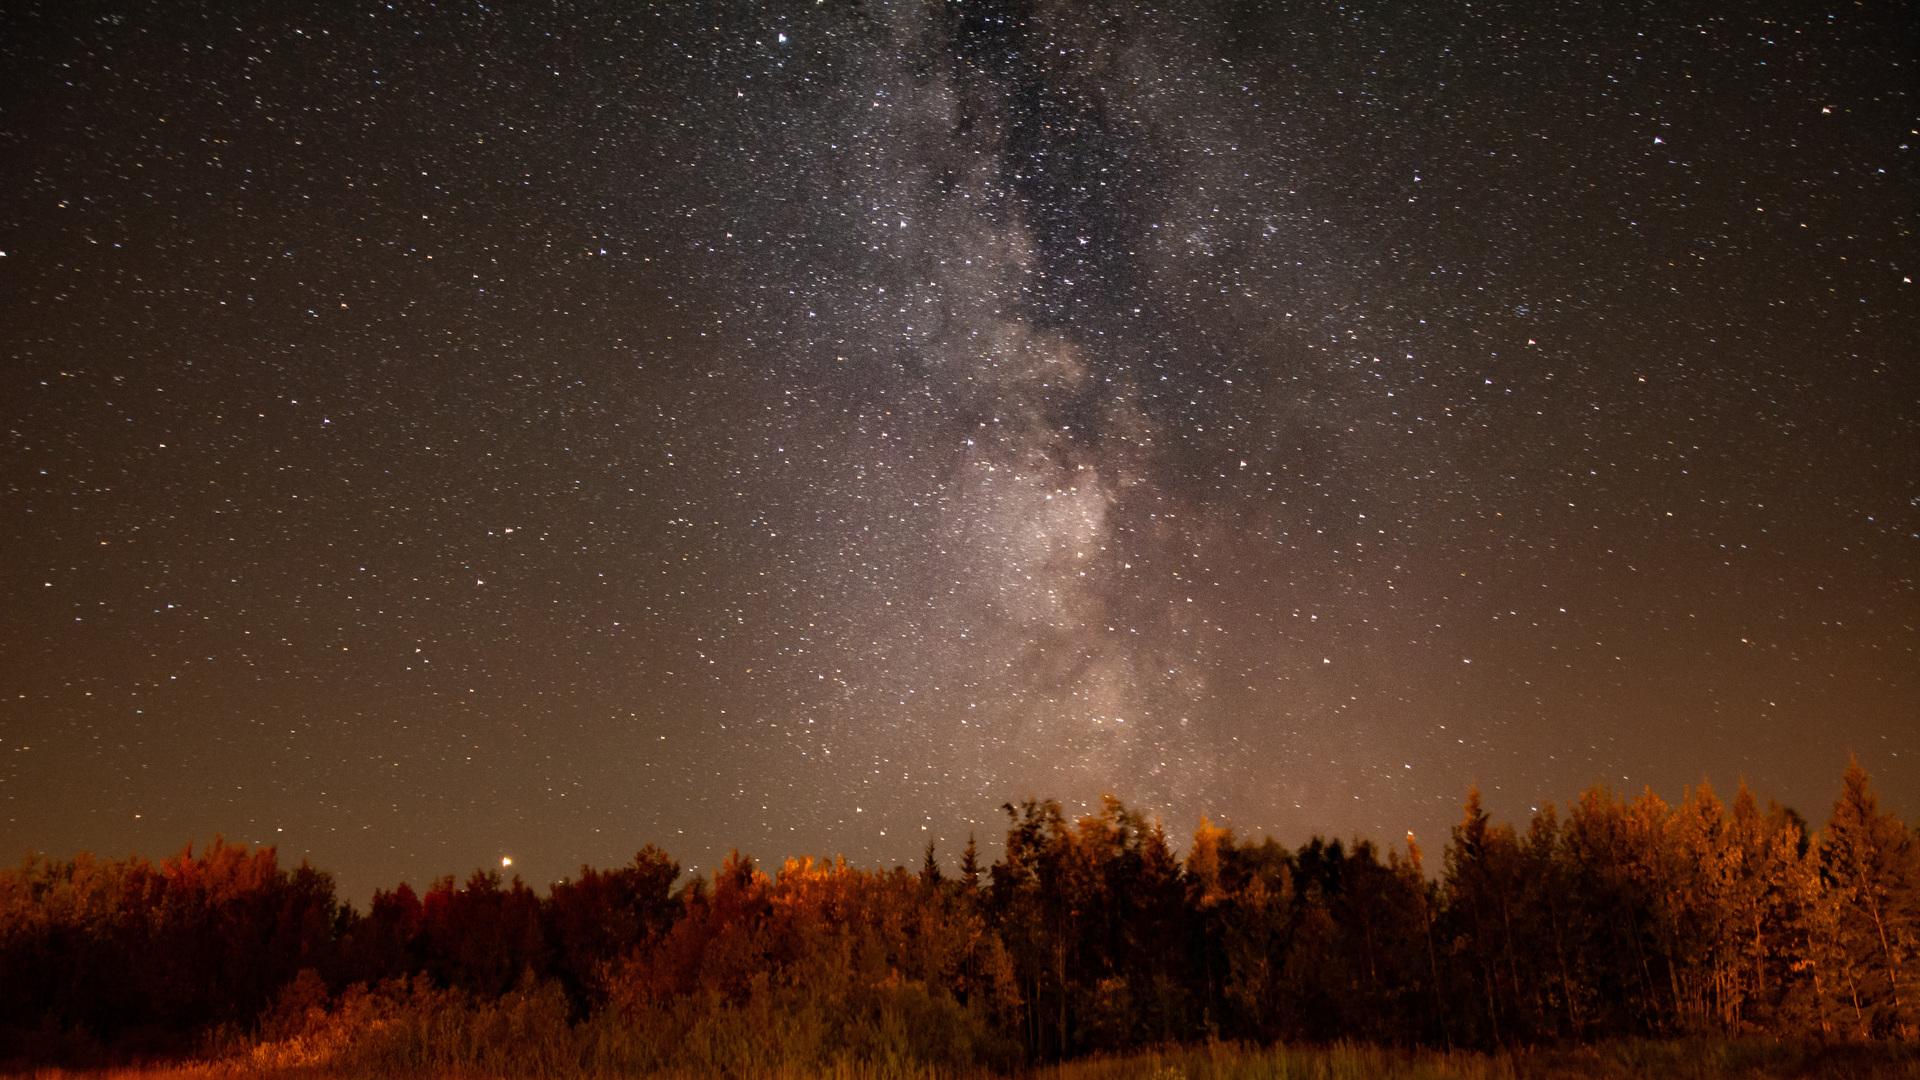 1920x1080 Milkyway Night Sky 5k Laptop Full HD 1080P HD 4k ...